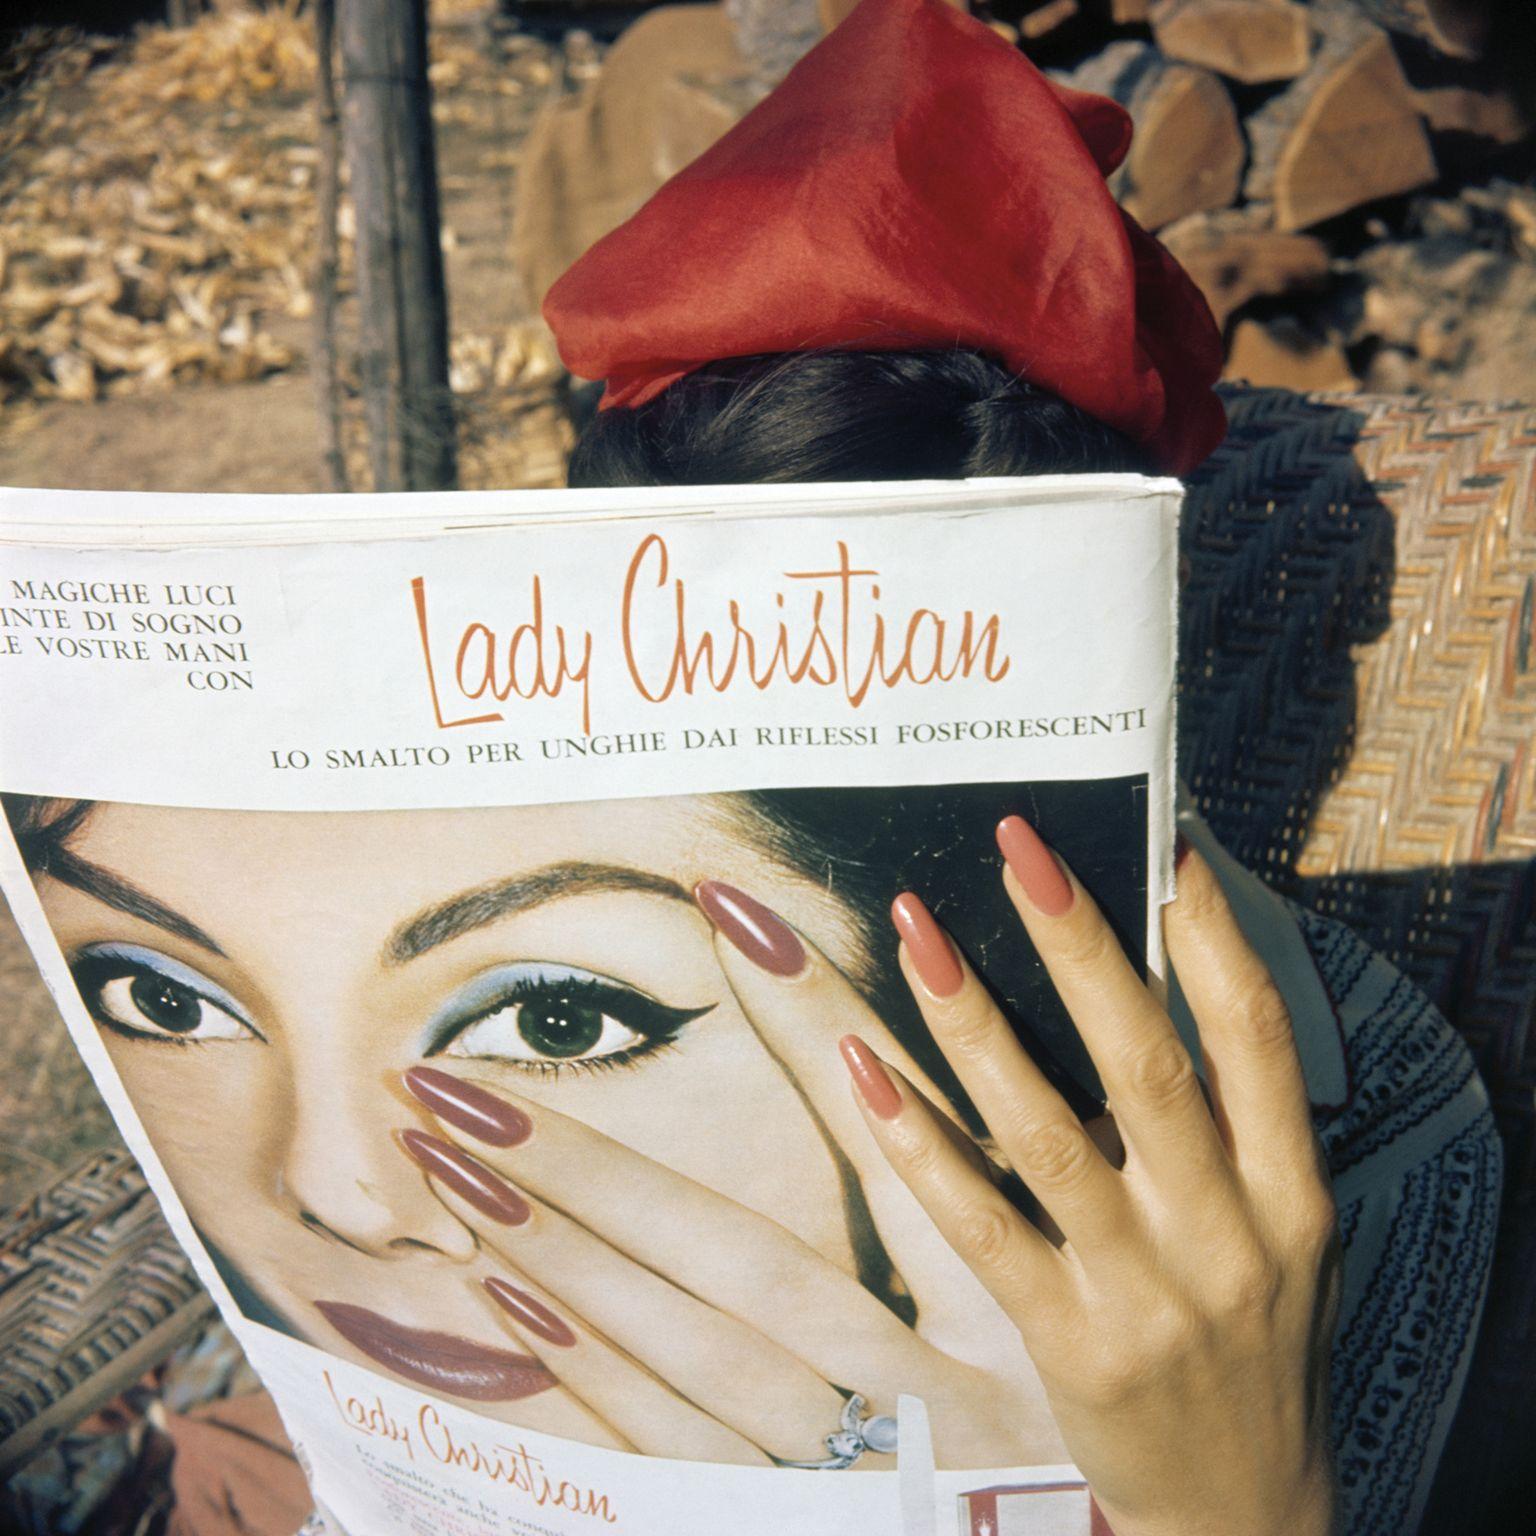 Florette's hands, Brie-le-Nellier, June 1961